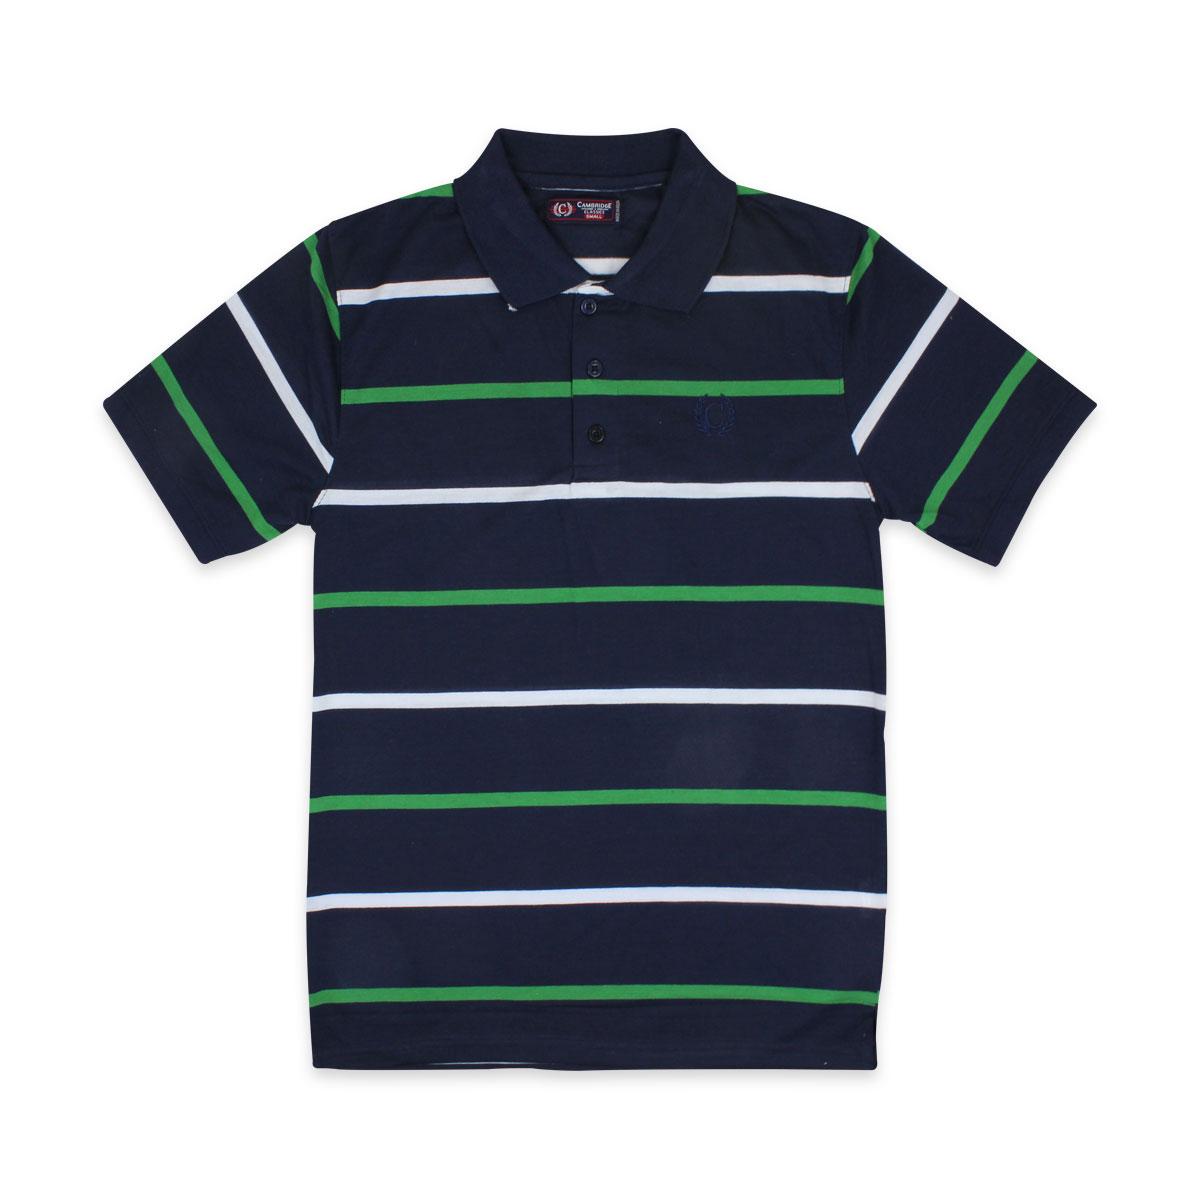 Camisas-Polo-Para-Hombre-A-Rayas-Pique-Con-Cuello-camiseta-Camiseta-Manga-Corta-De-Verano-S-M-L-XL miniatura 64